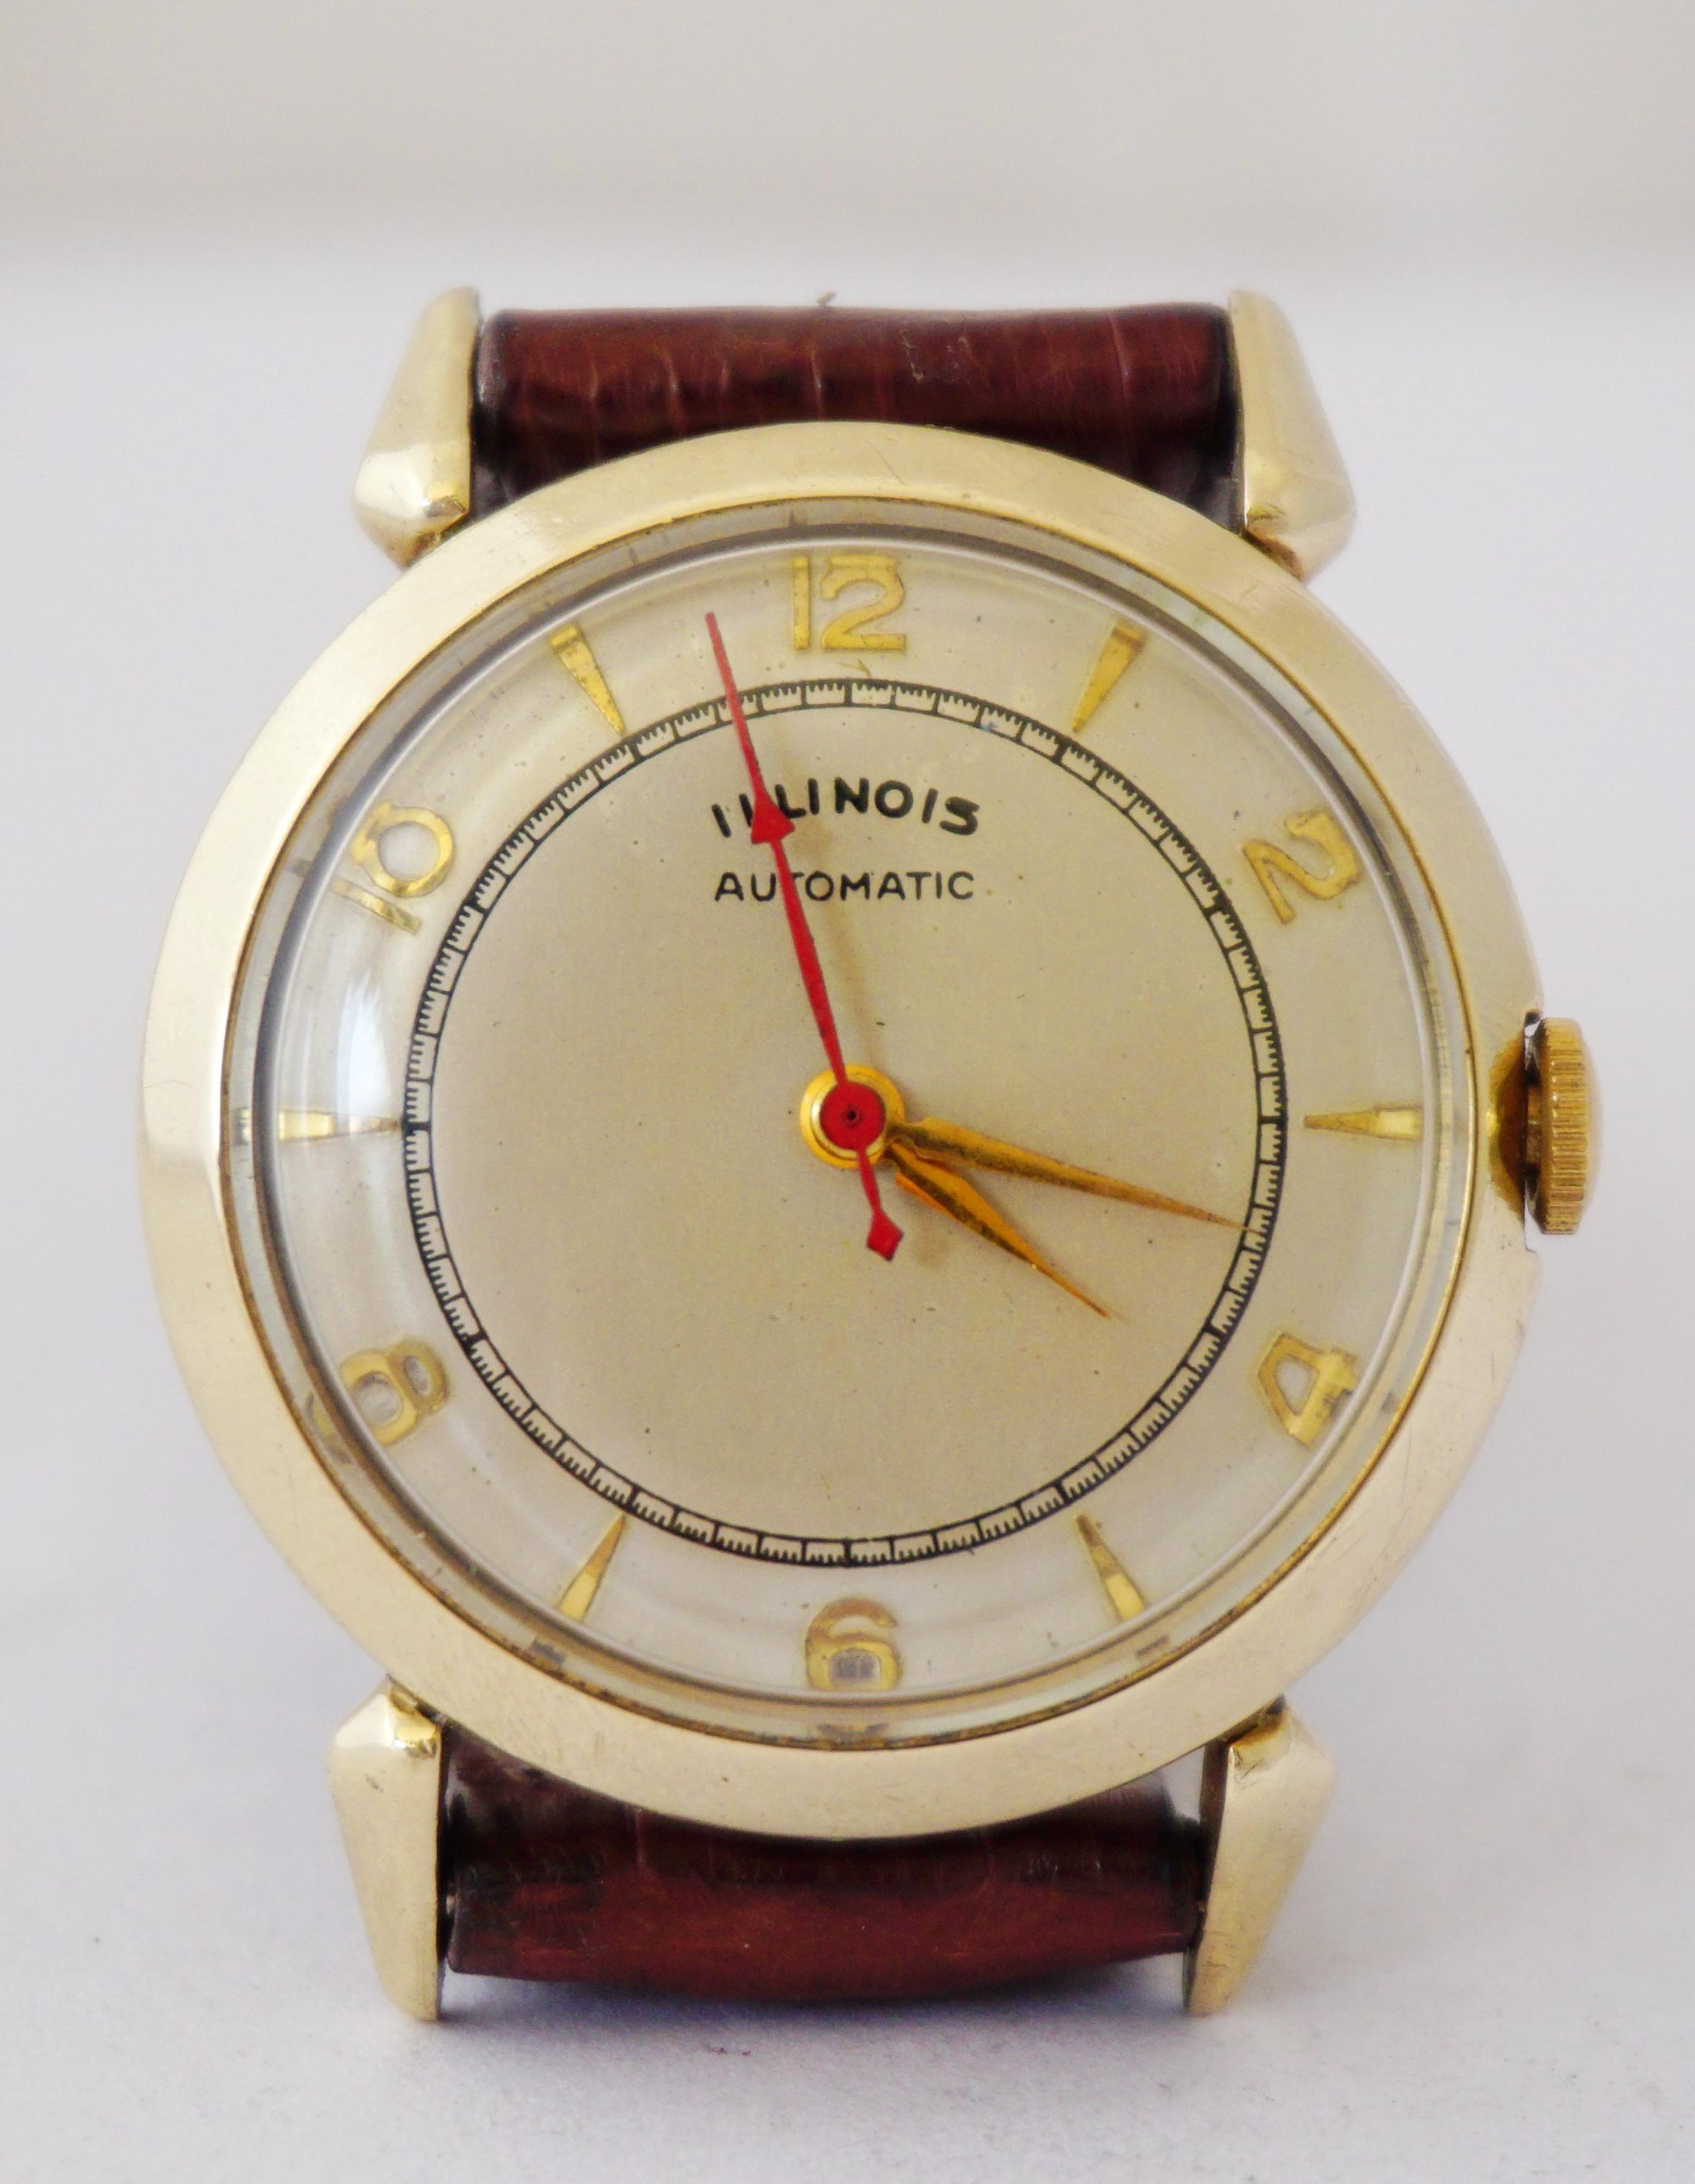 นาฬิกาเก่า ILLINOIS ออโตเมติก